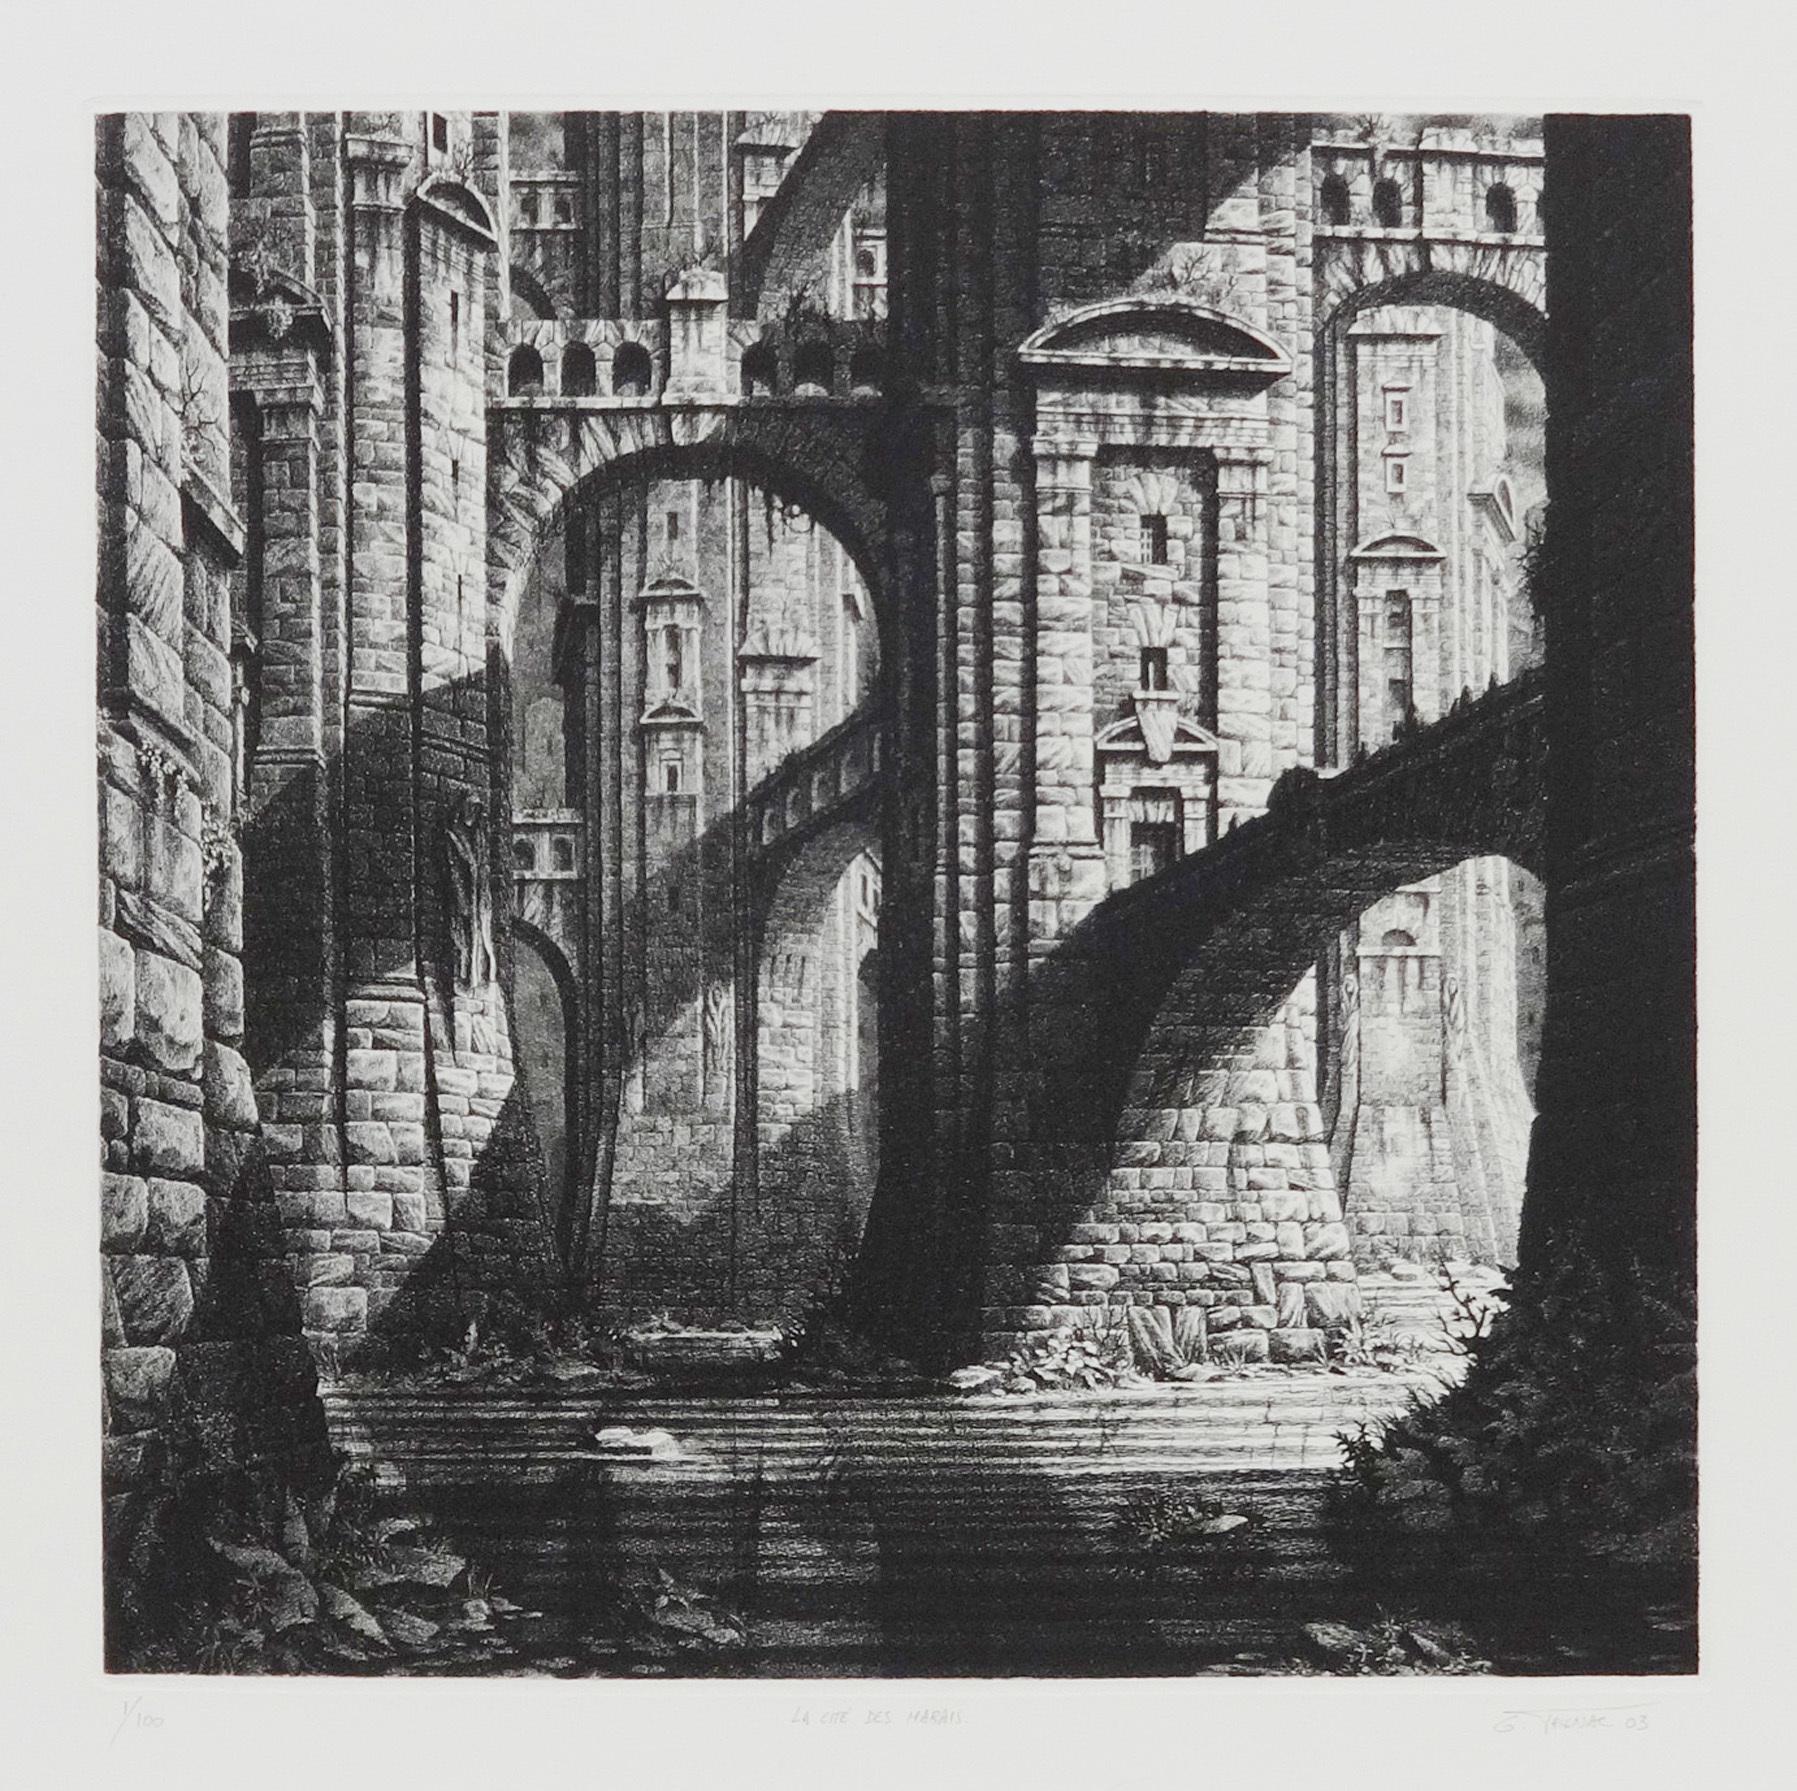 ジェラール・トリニャック 「湿地の都市国家」 2003年 銅版 ED.100